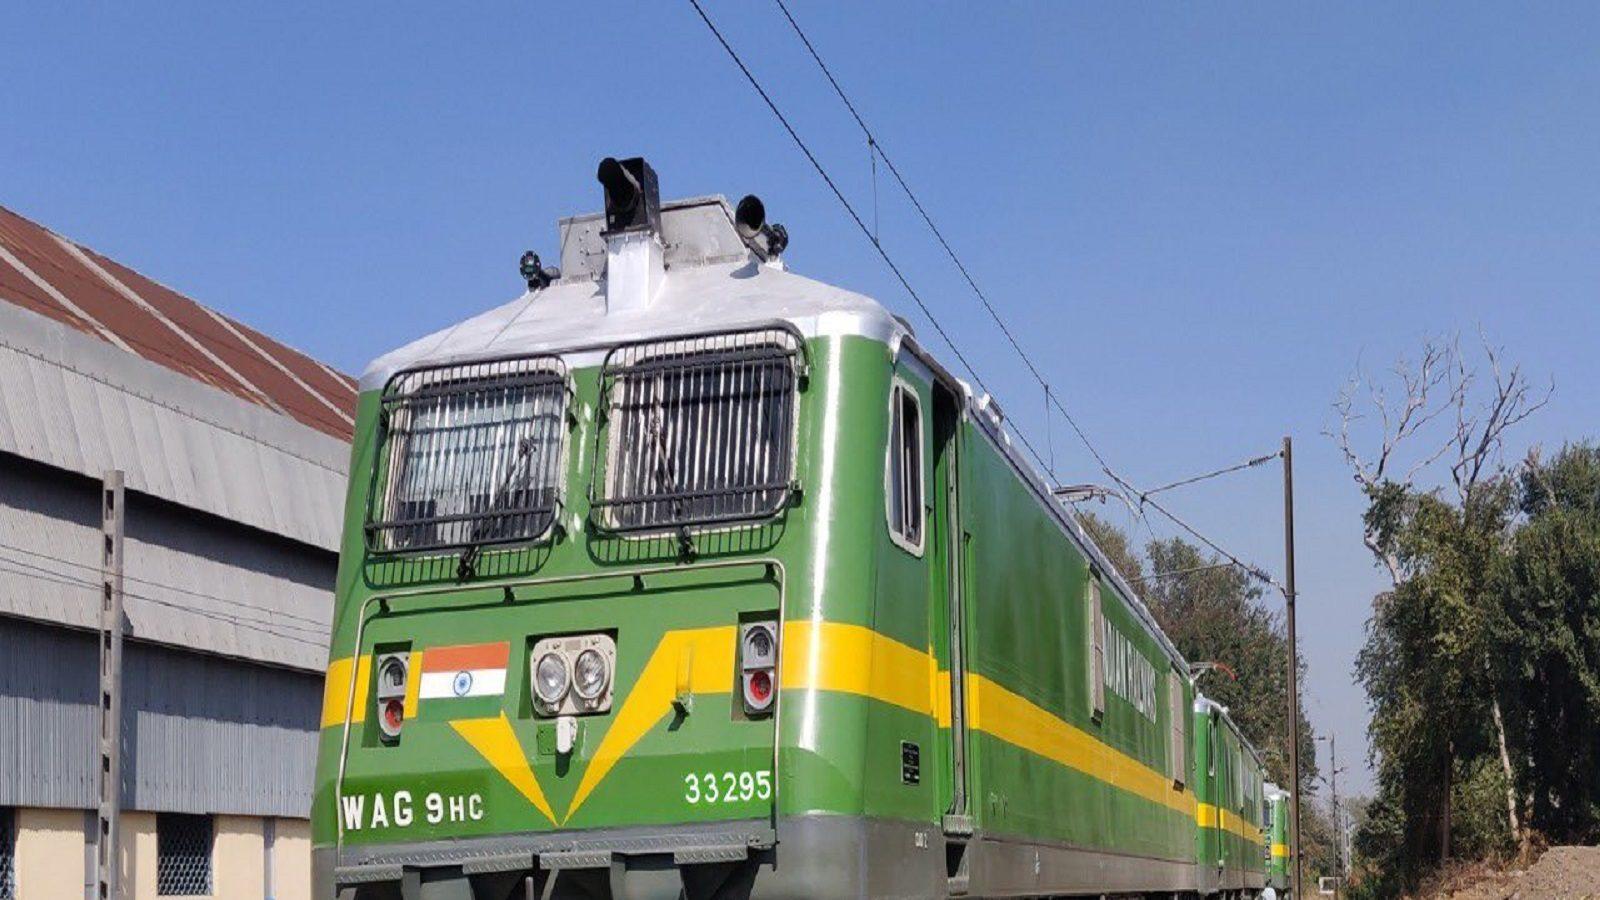 MP News: जबलपुर रेलवे मंडल के स्टेशनों पर अब 20 रुपये में मिलेगी प्लेटफॉर्म टिकट, इस वजह से मचा था बवाल